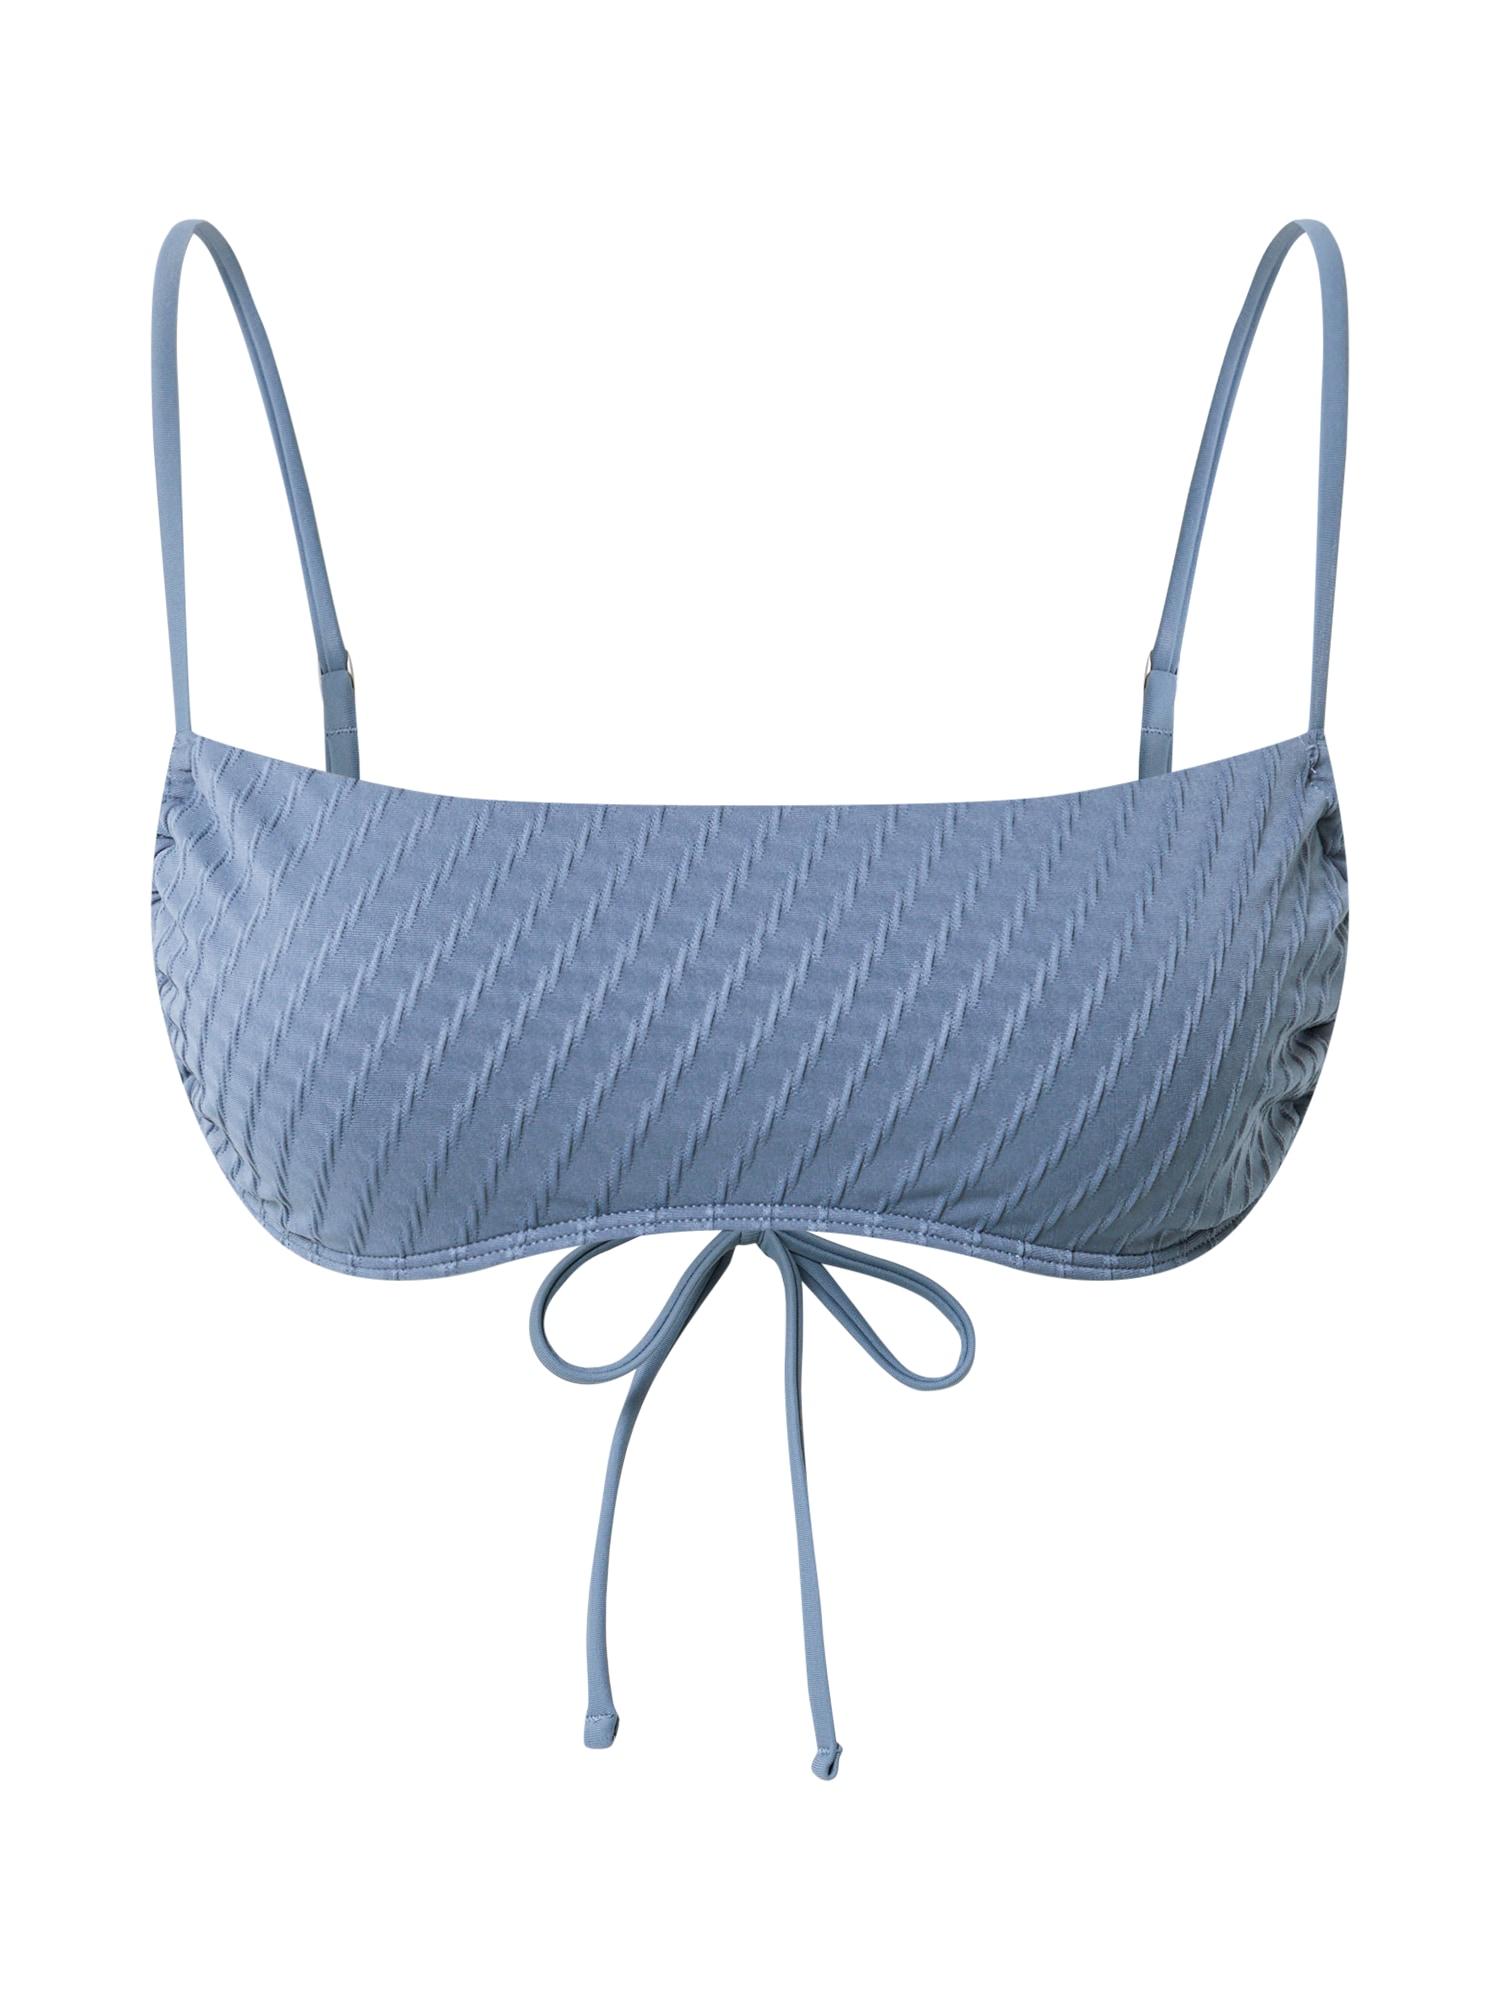 Abercrombie & Fitch Bikinio viršutinė dalis melsvai pilka